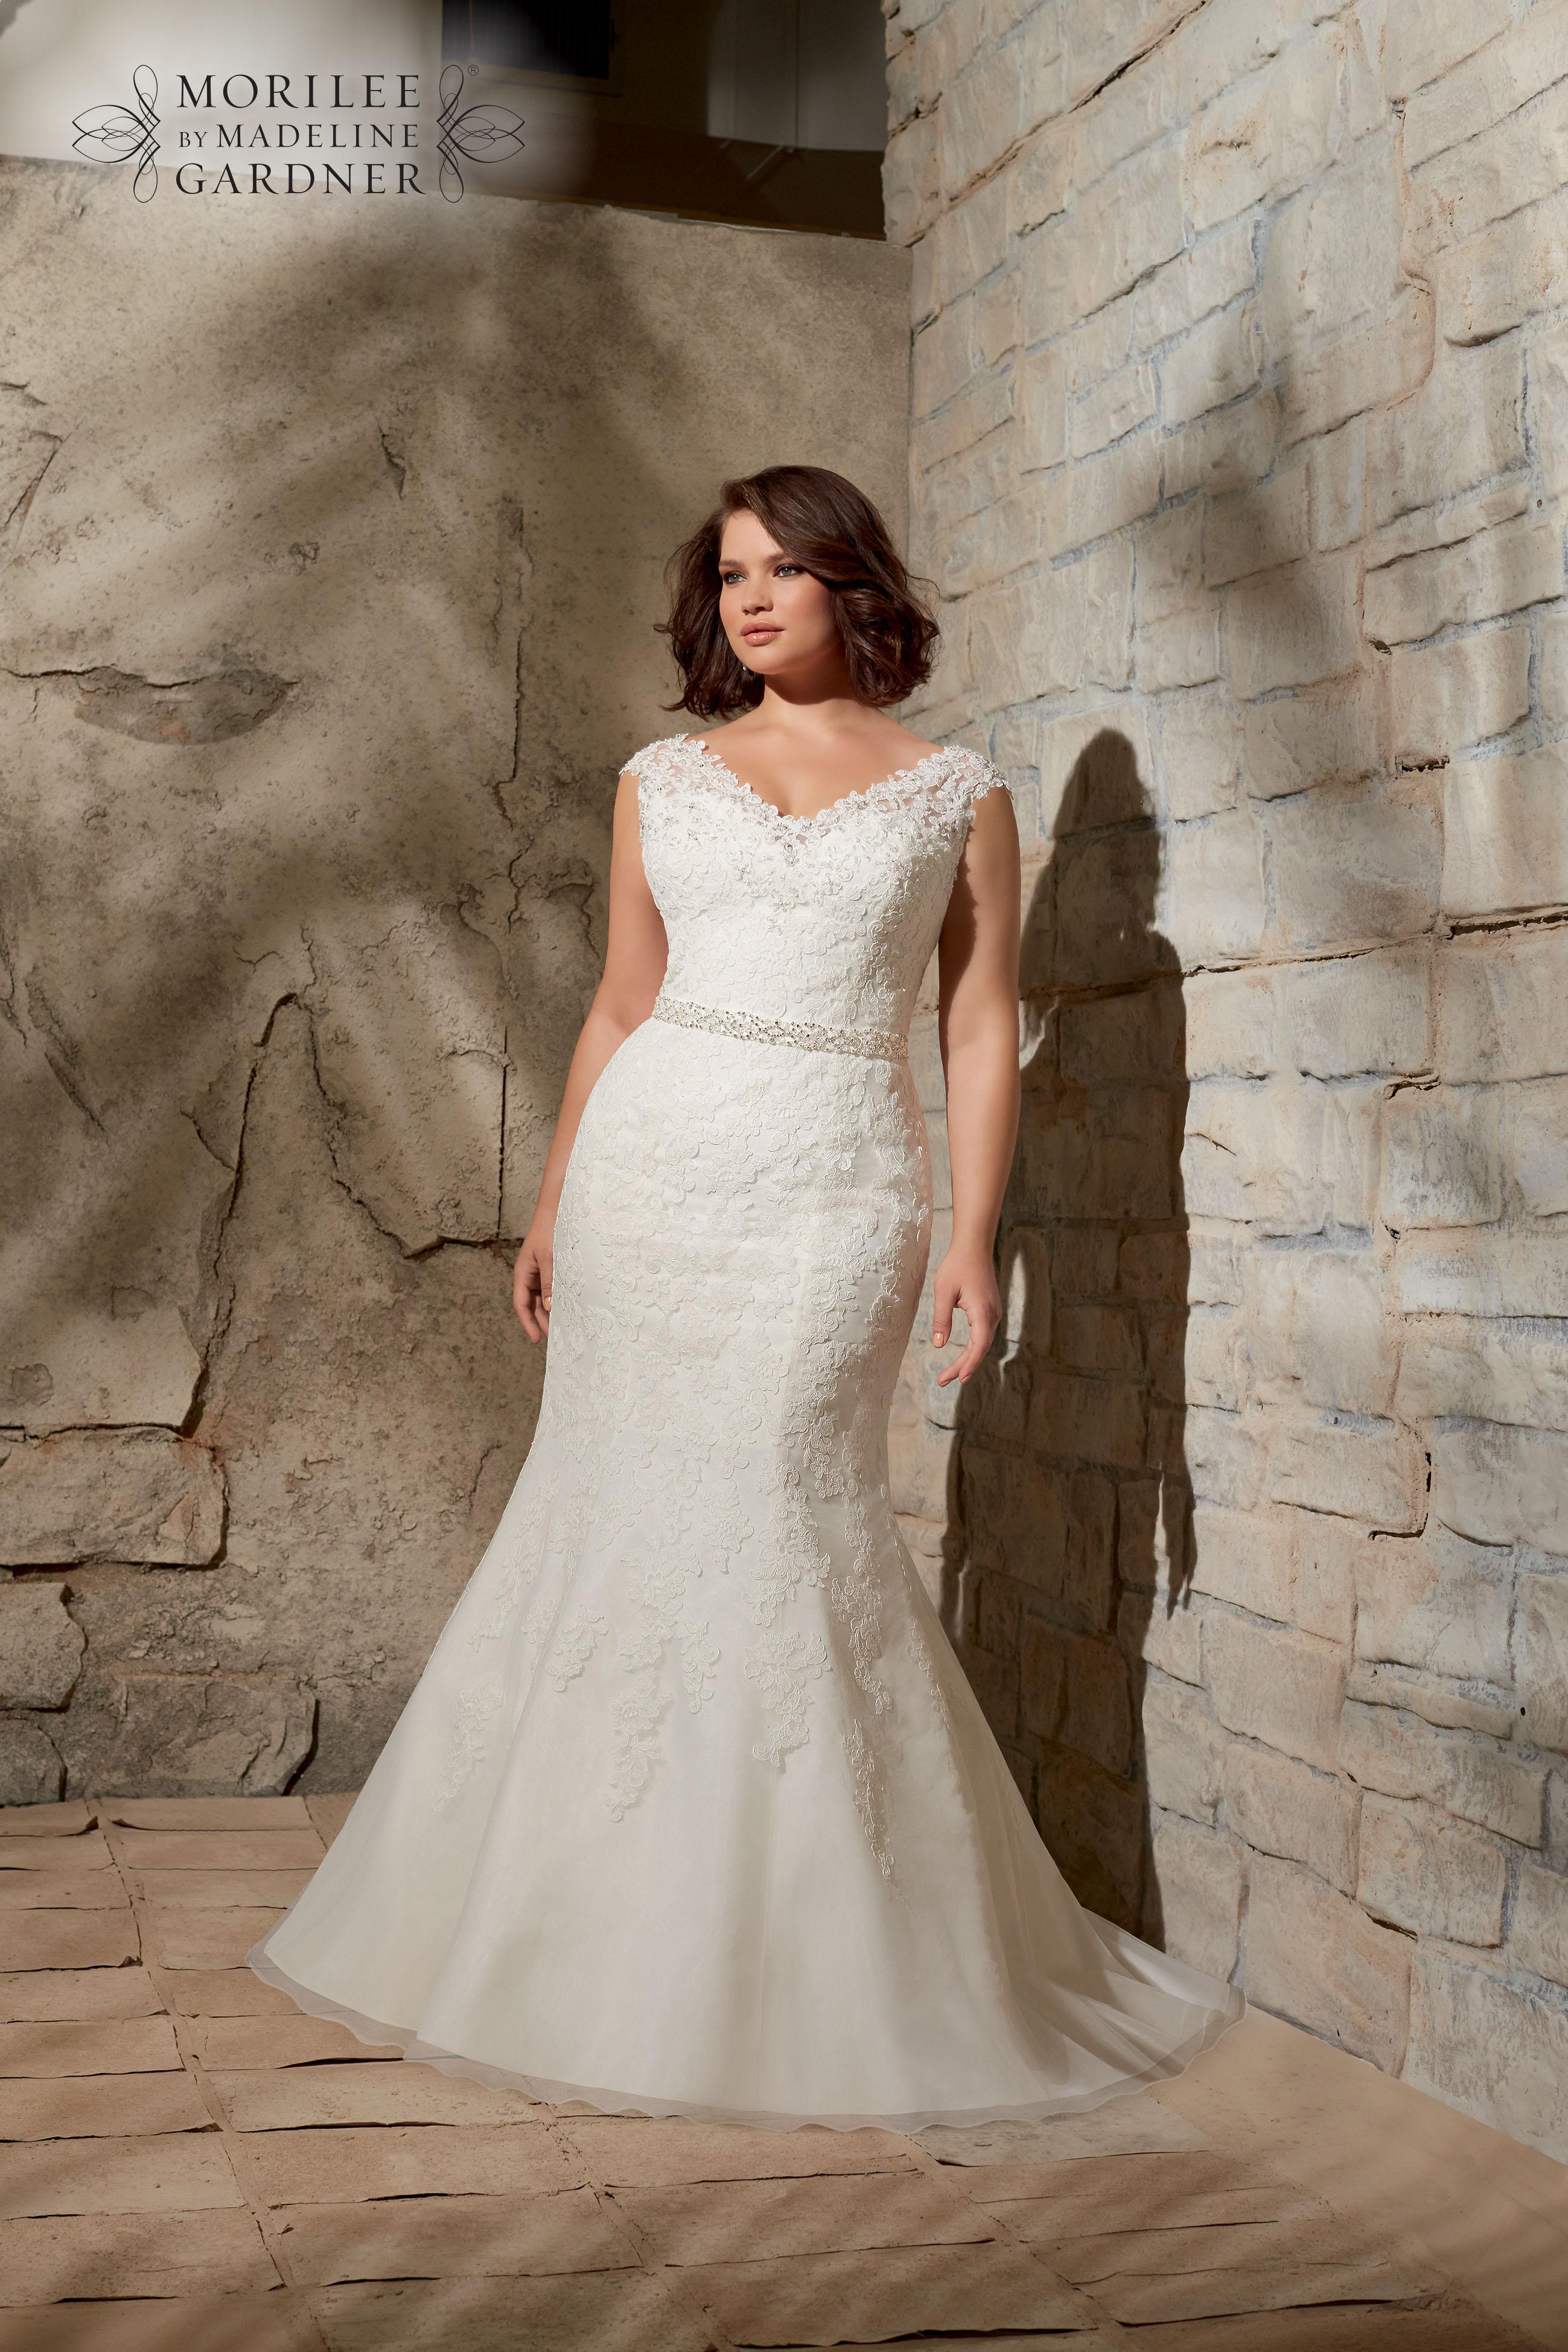 Fantastisch Wedding Dress Hire Newcastle Upon Tyne Zeitgenössisch ...